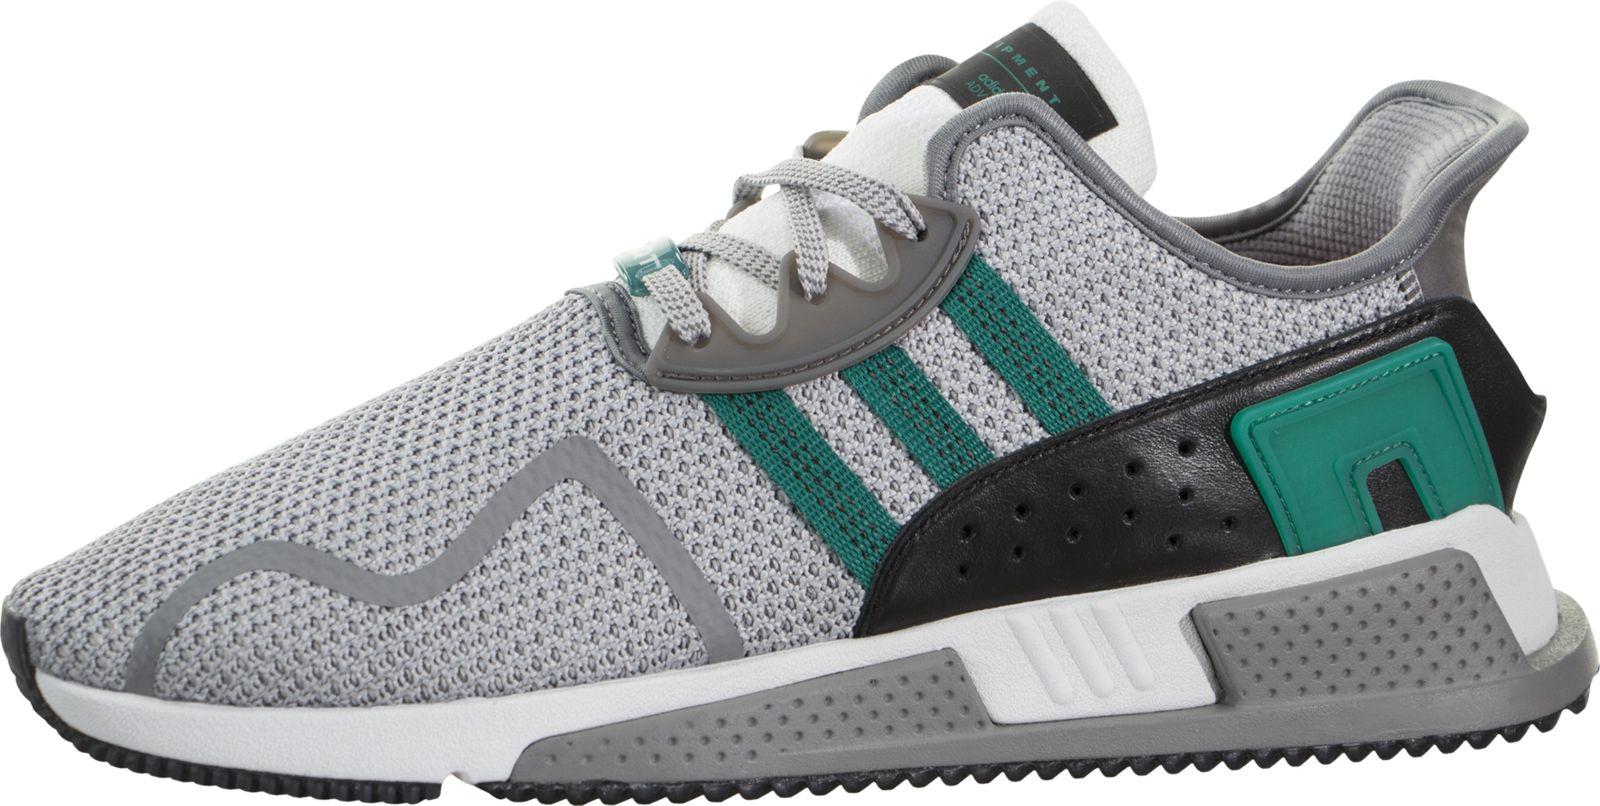 Adidas Originals Eqt Coussin Formateurs Adv En Ah2232 Gris - Gris 8kqyAL